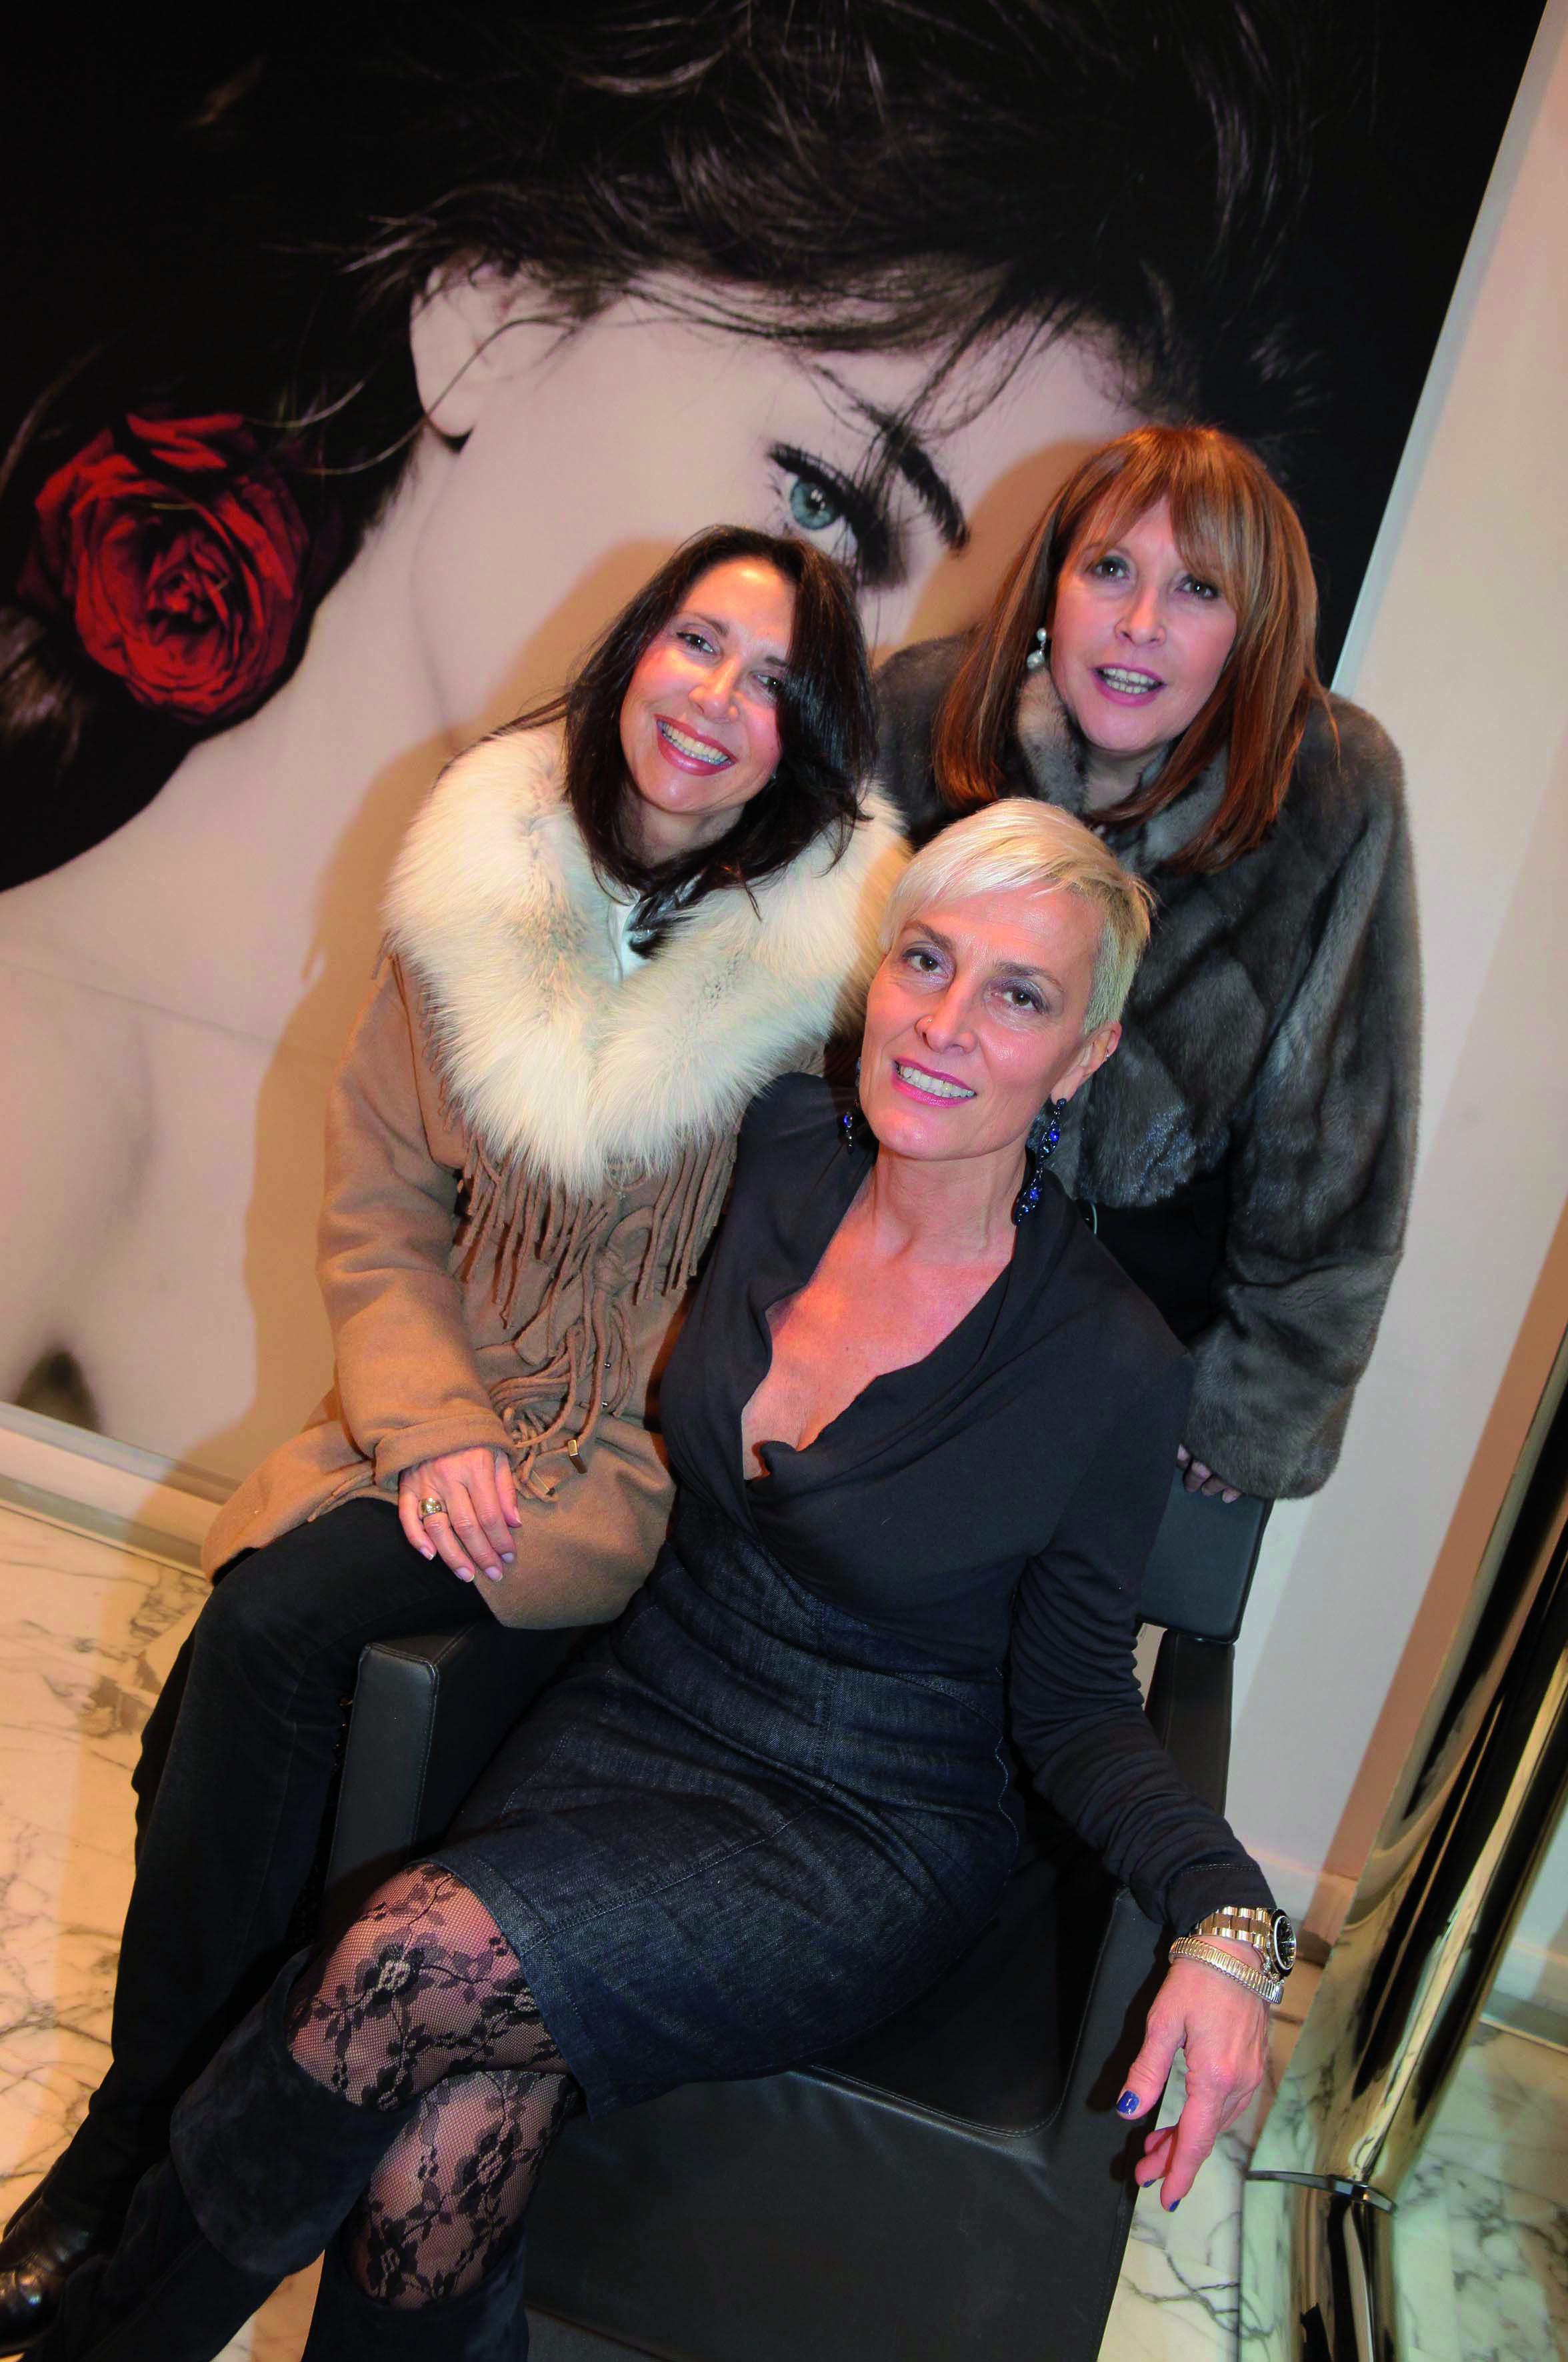 pressphoto-Firenze  parrucchiere Coppola via del Parione  Aperitivo   Monica berti,Simonetta D'ettorre,Stefania Boni